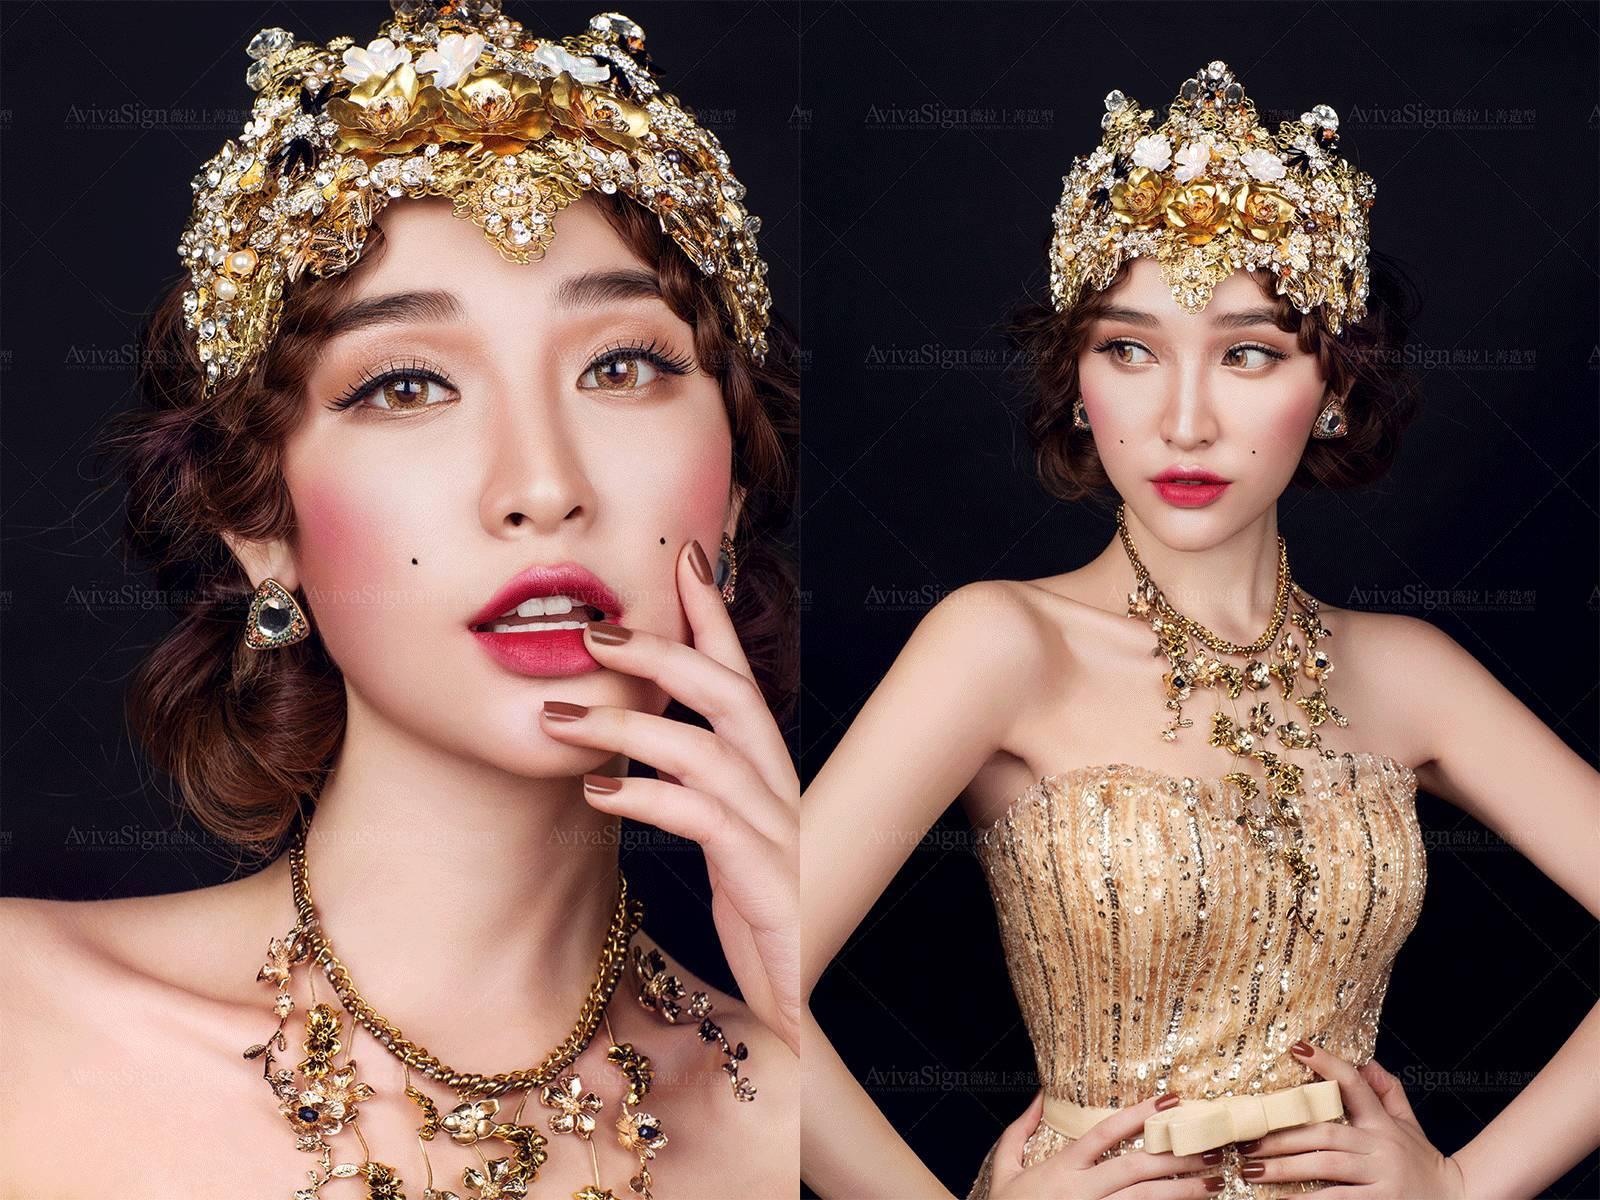 上善tip#上善女王,皇冠造型加冕复古新娘的宫廷梦想图片